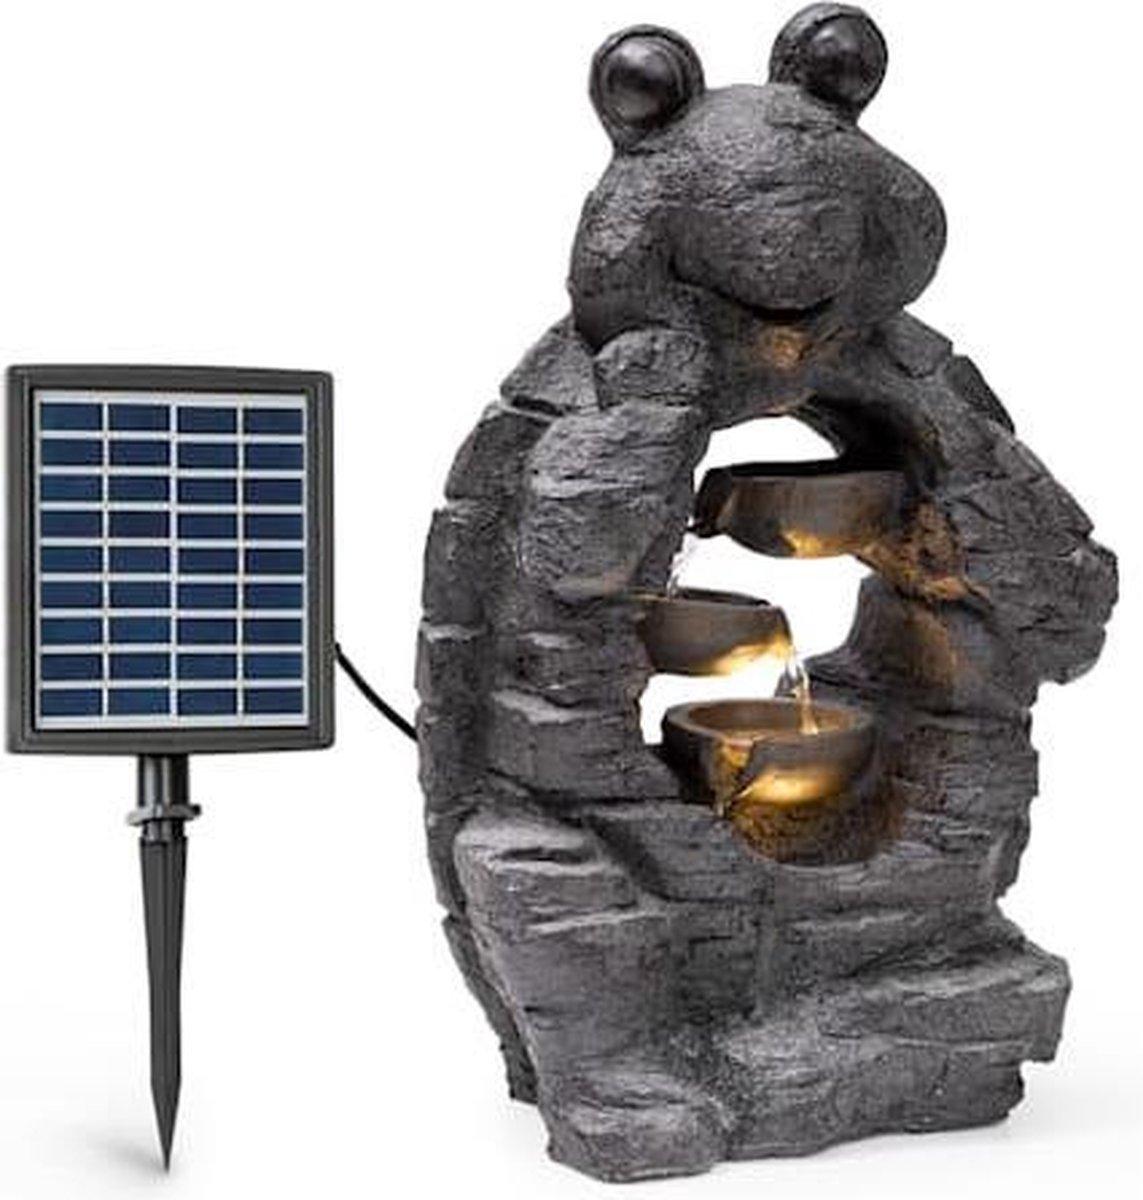 blumfeldt Albert zonne-energie fontein voor binnen en buiten 27,5 x 50 x 19,5 cm - Polyresin - LED-verlichting - Weerbestendig